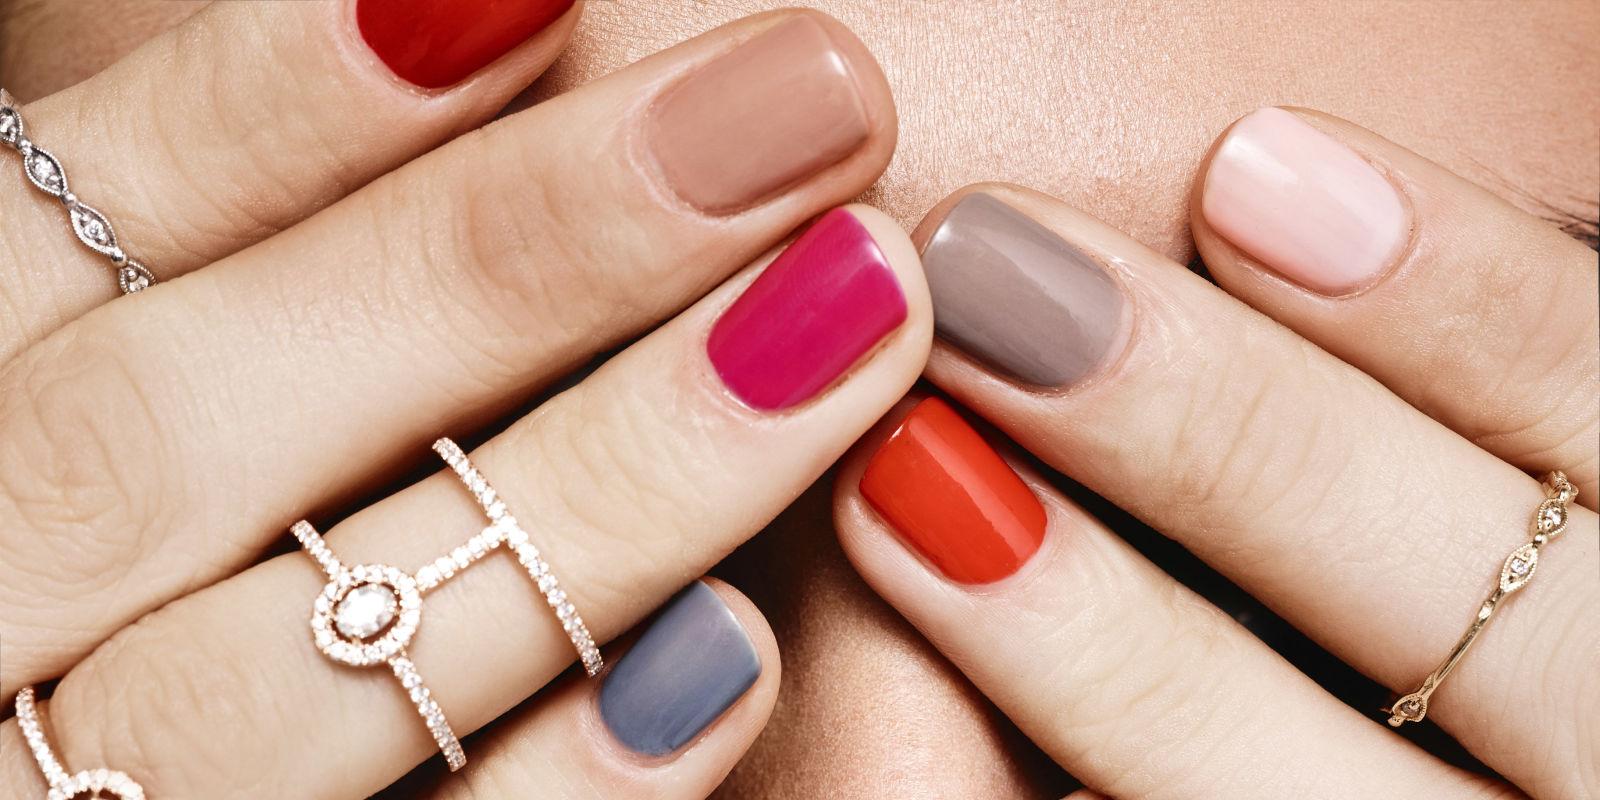 3 Trendy Mani Pedi Color Combos For Fall College Fashion